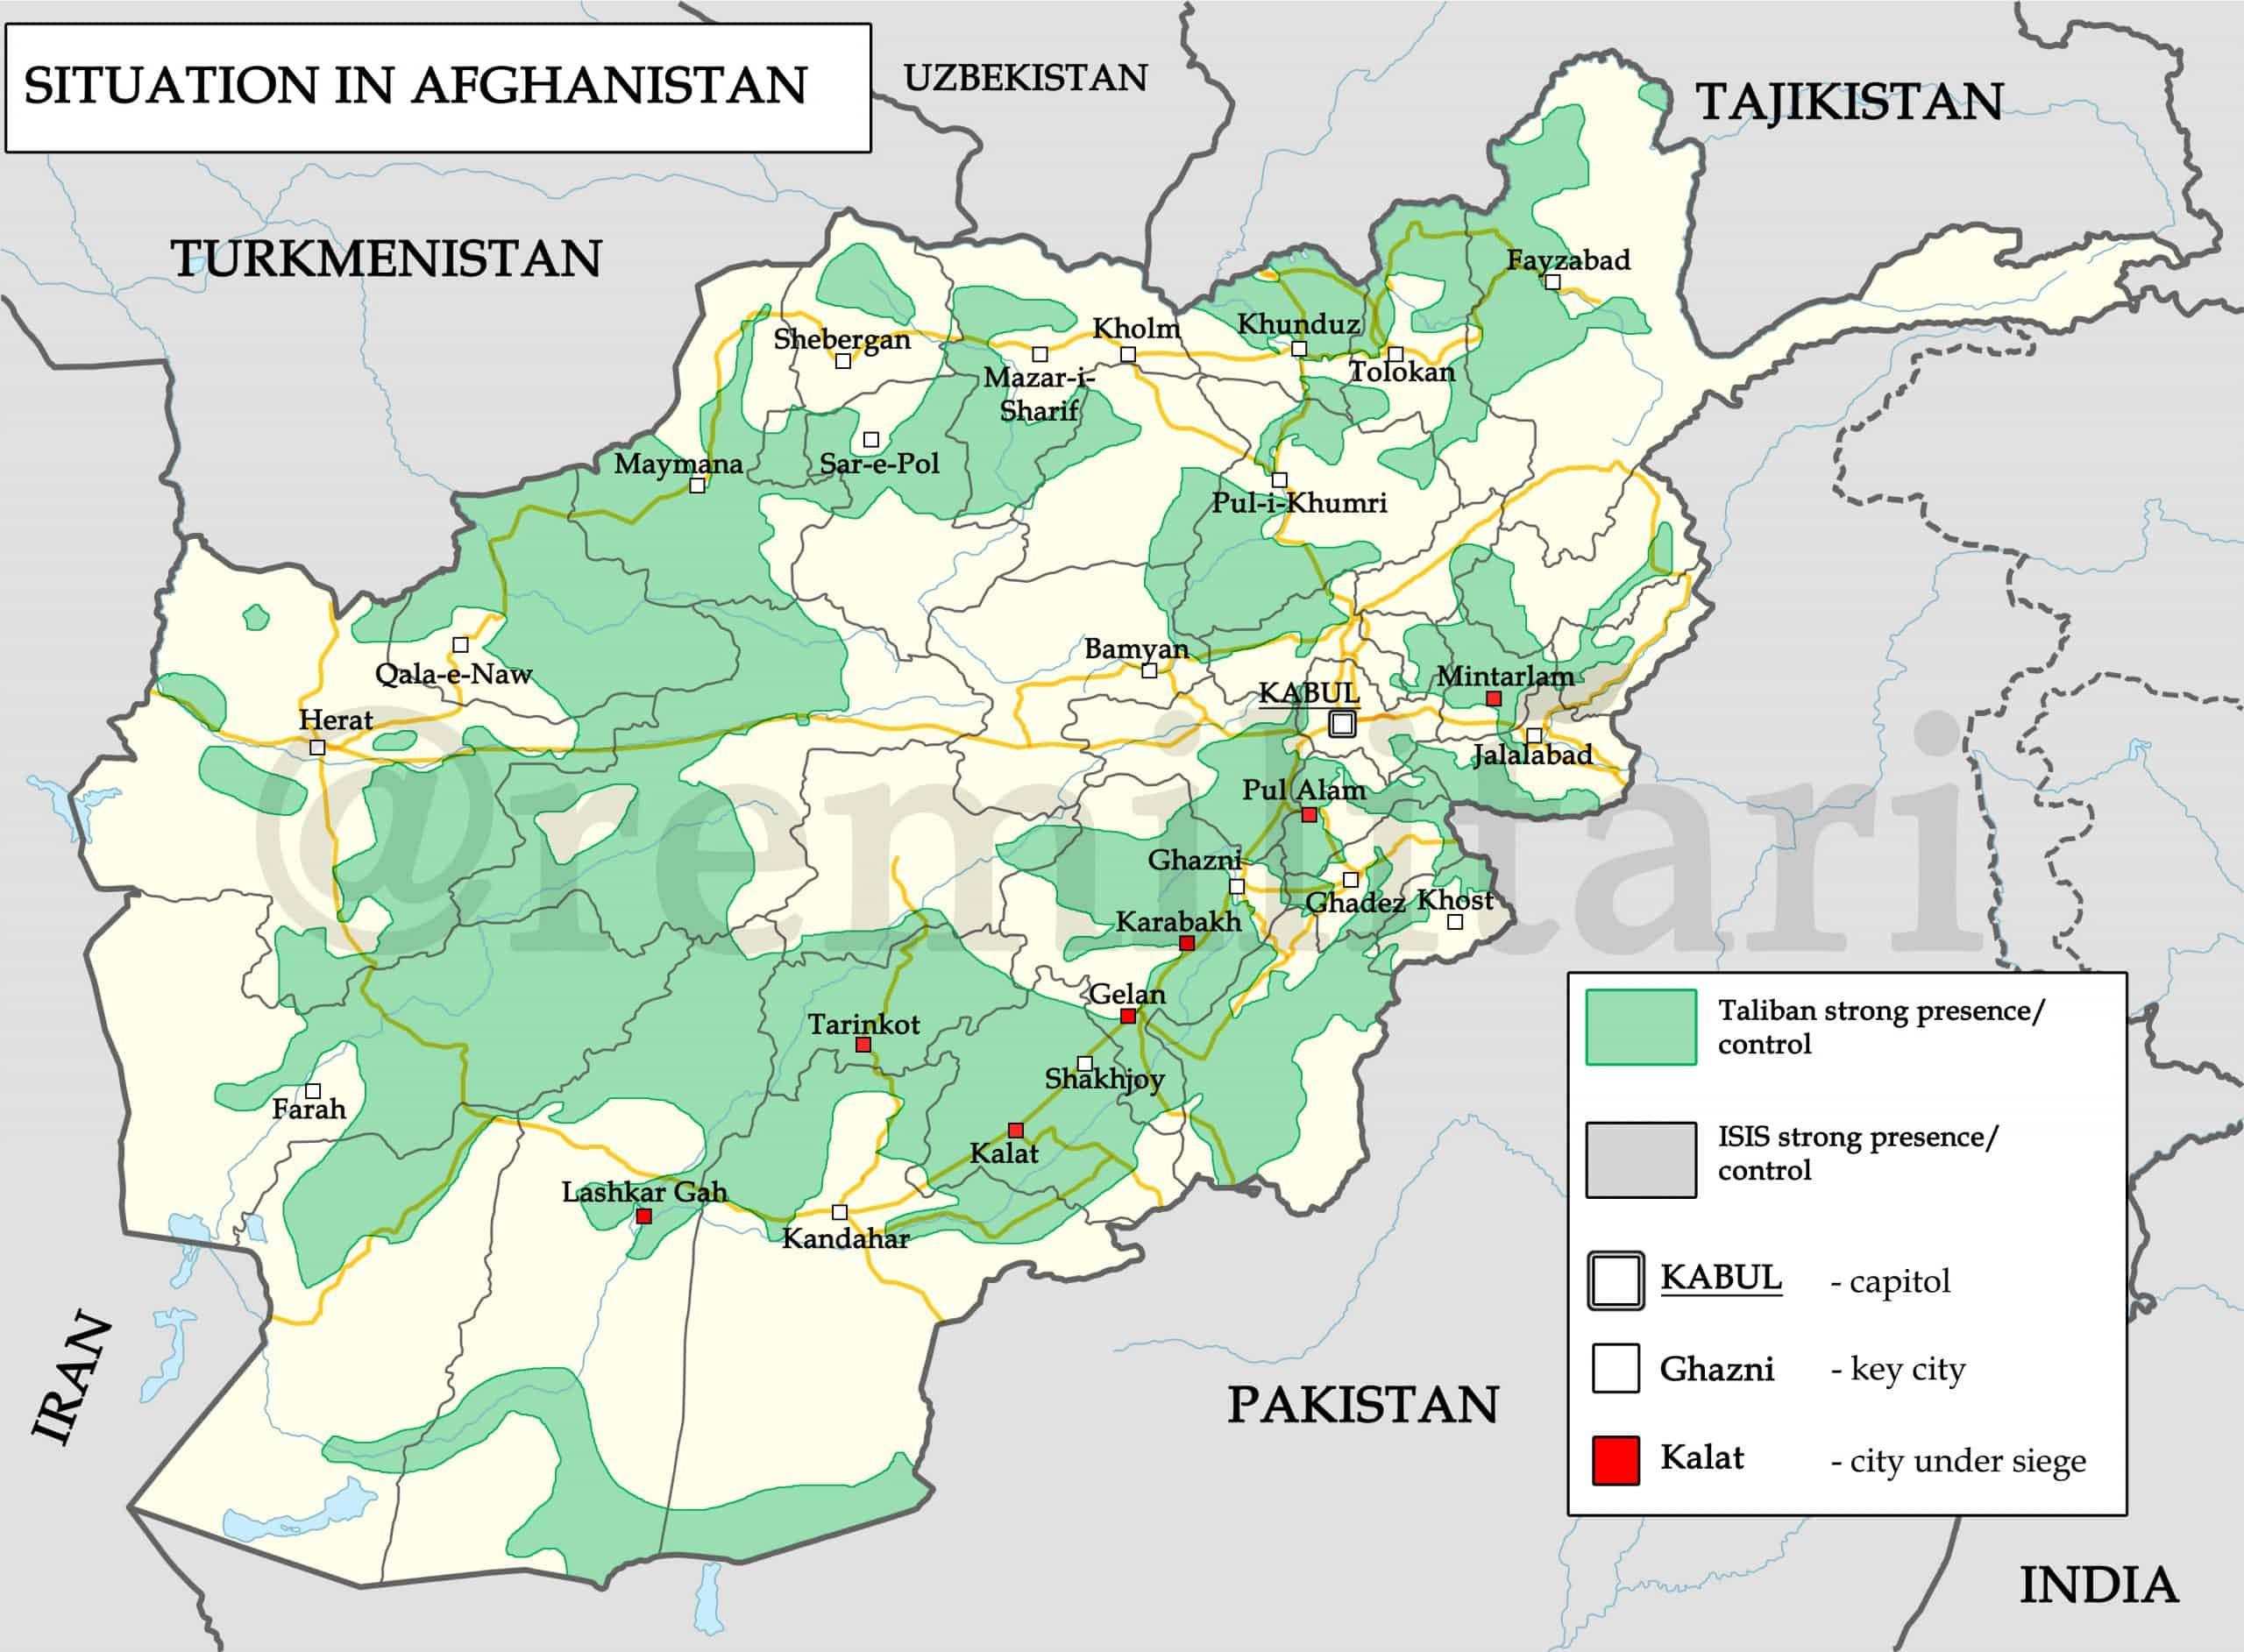 Контроль територій в Афганістані станом на квітень 2021 року